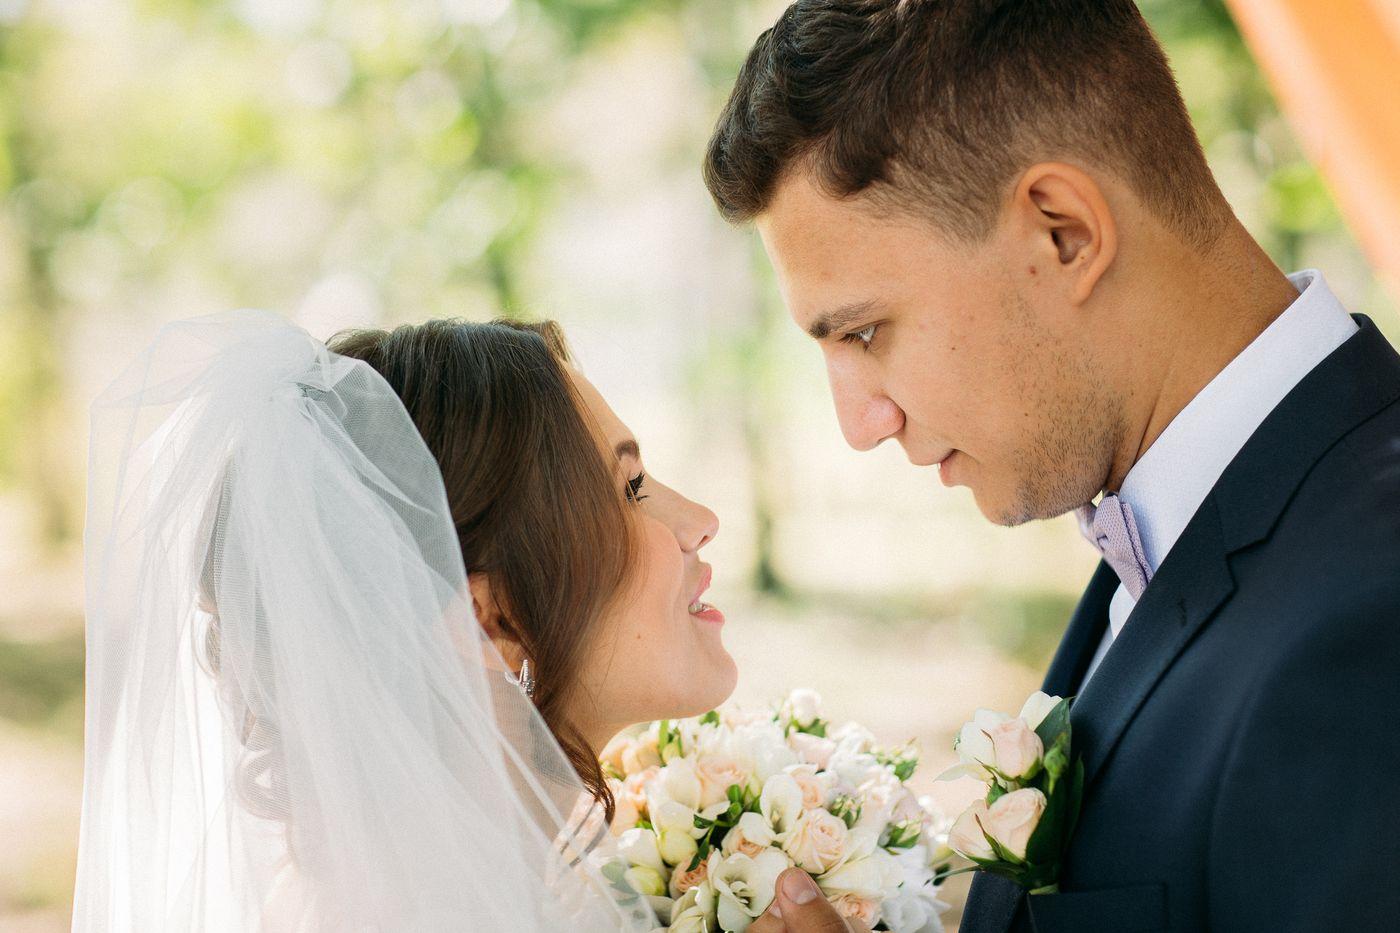 wed-2014-09-20-0063_s